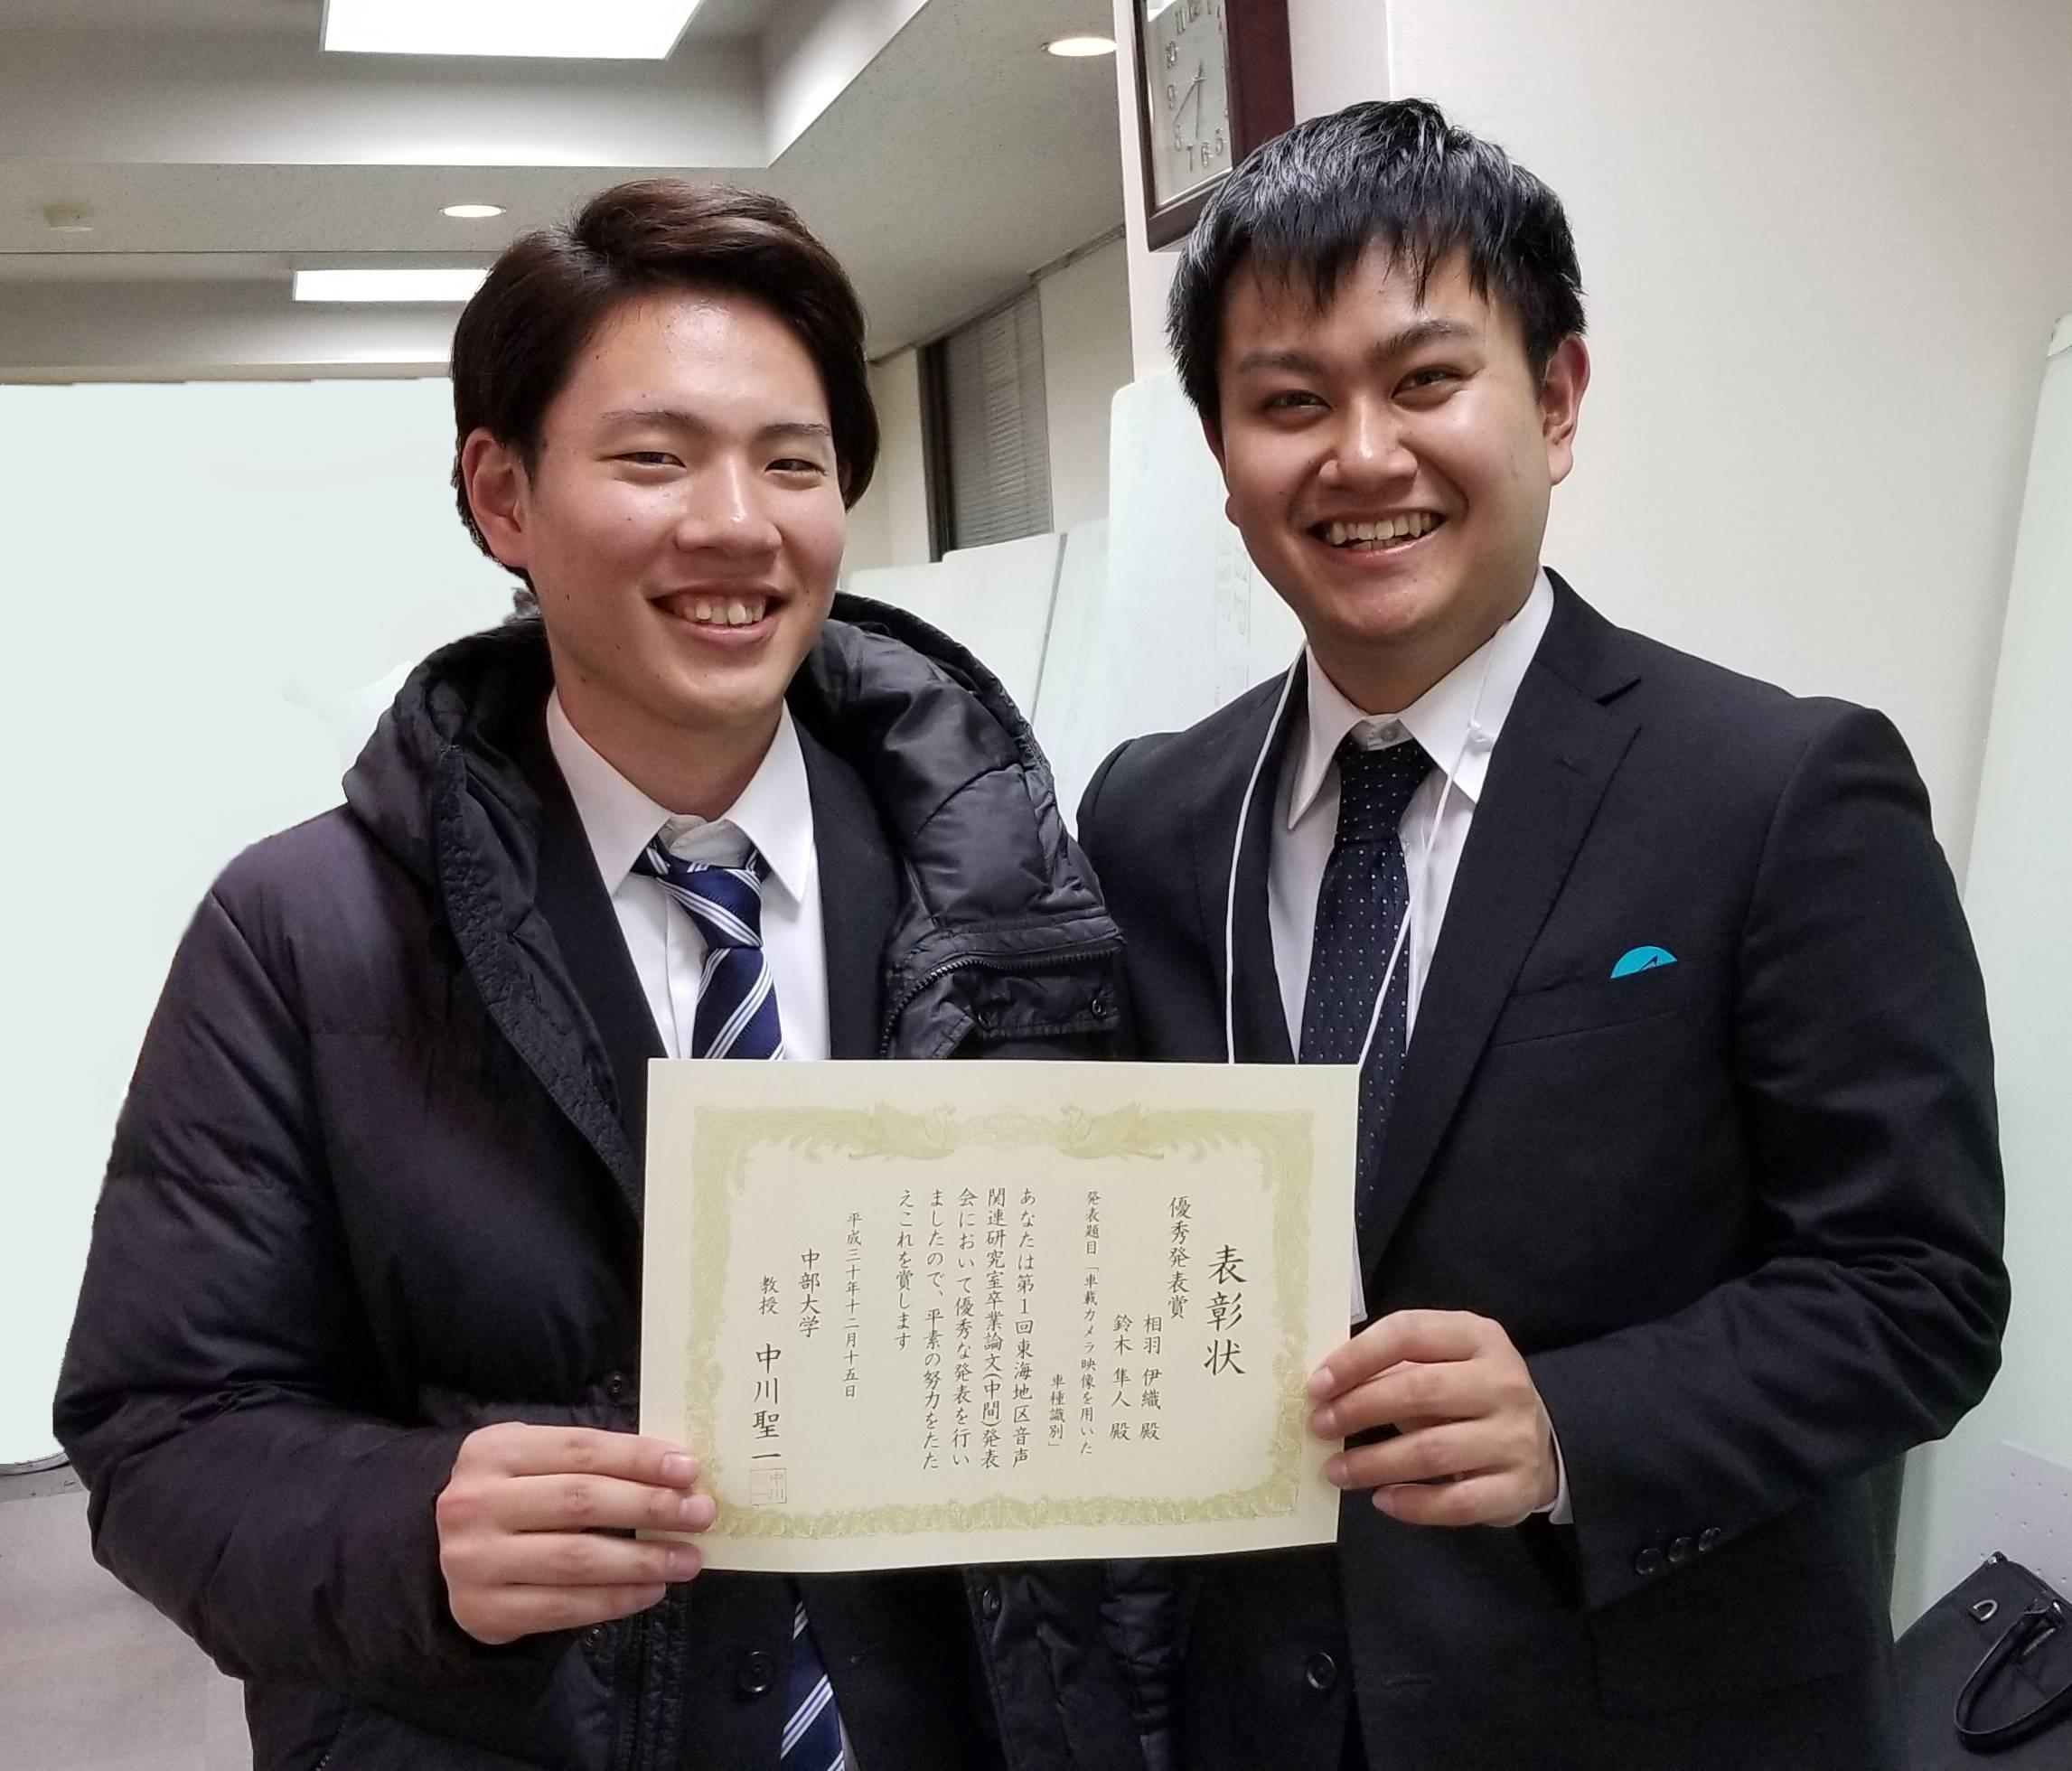 受賞した2名(左から:相羽伊織さん、鈴木隼人さん)